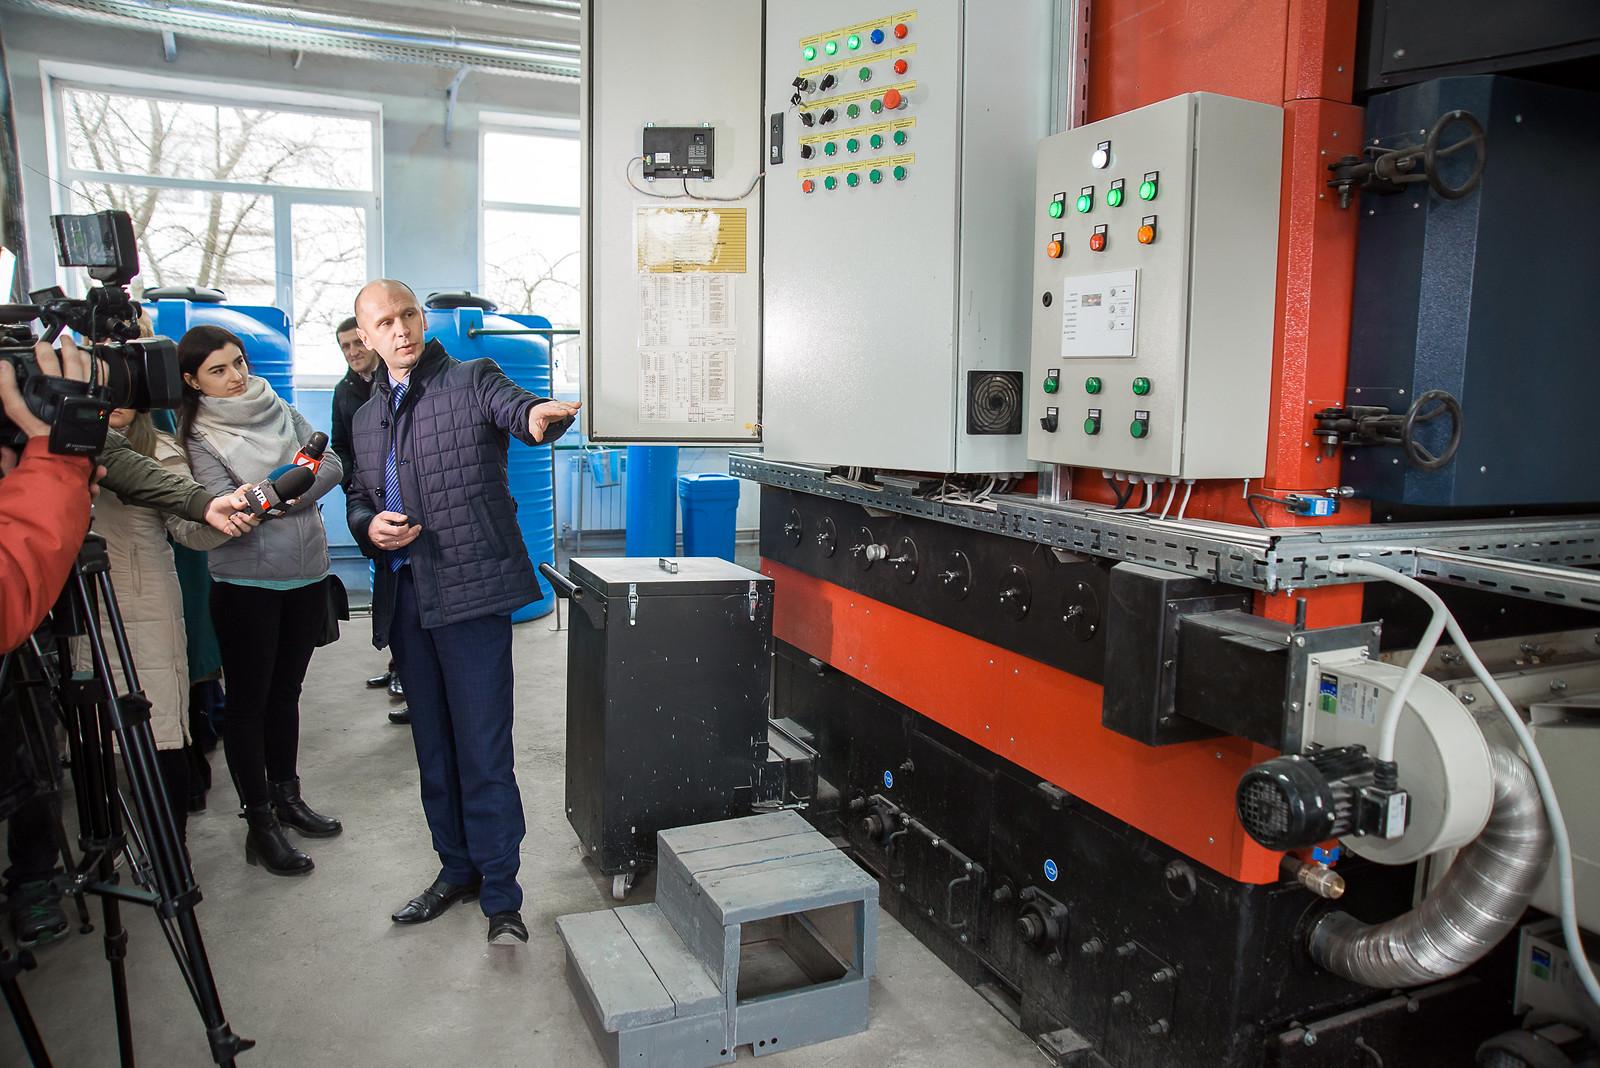 EU4Energy: Energy-efficient kindergarten and district heating in Zhovkva, Ukraine